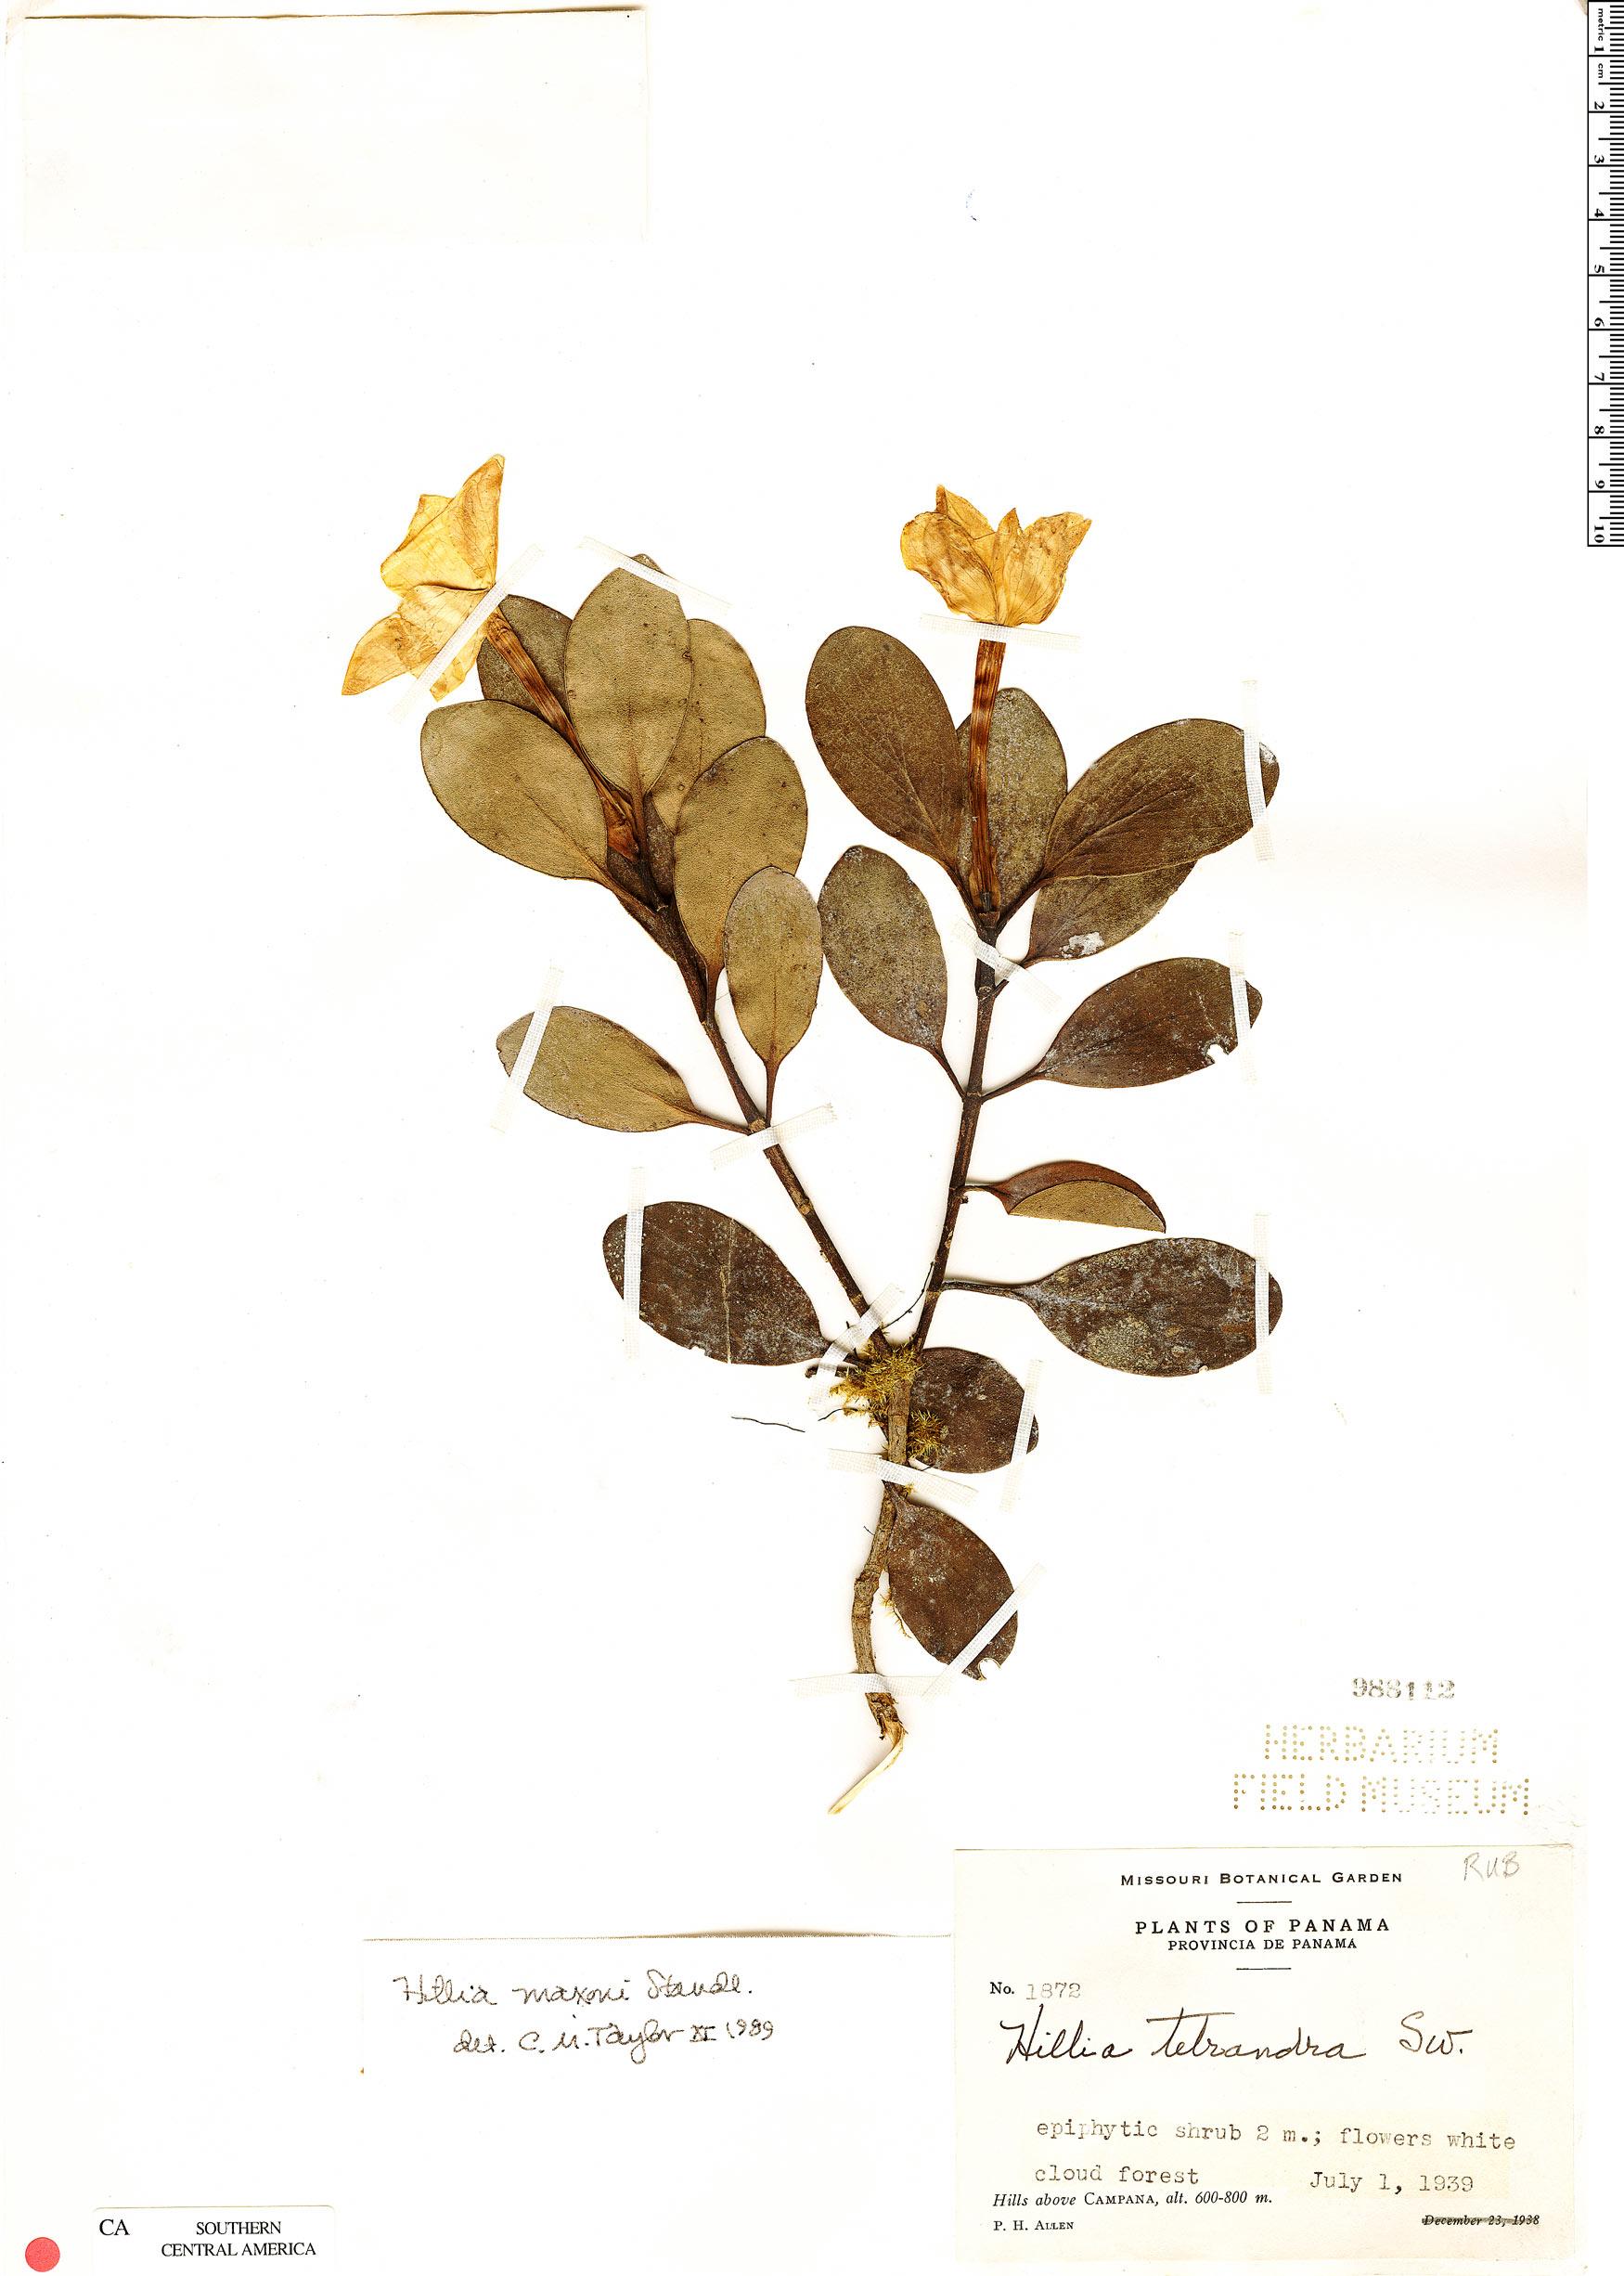 Specimen: Hillia maxonii